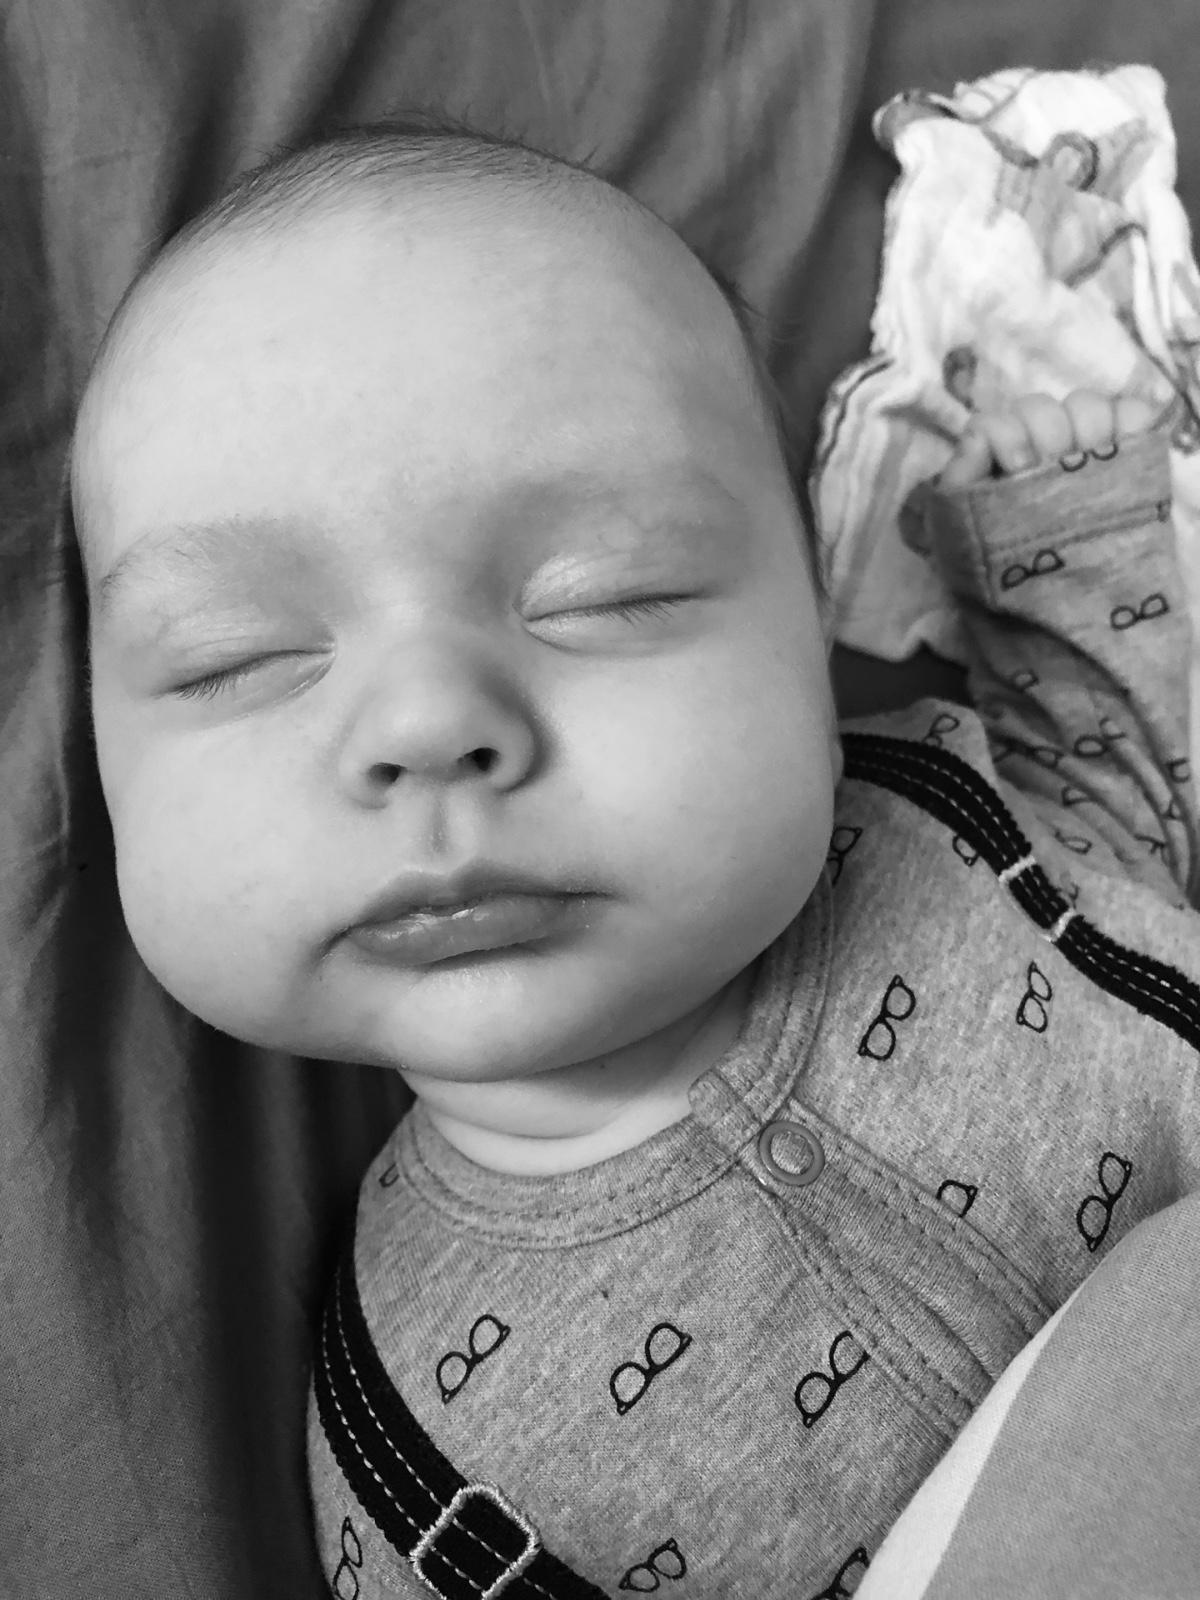 Kun lapsi nukkuu, mutta vanhempi ei